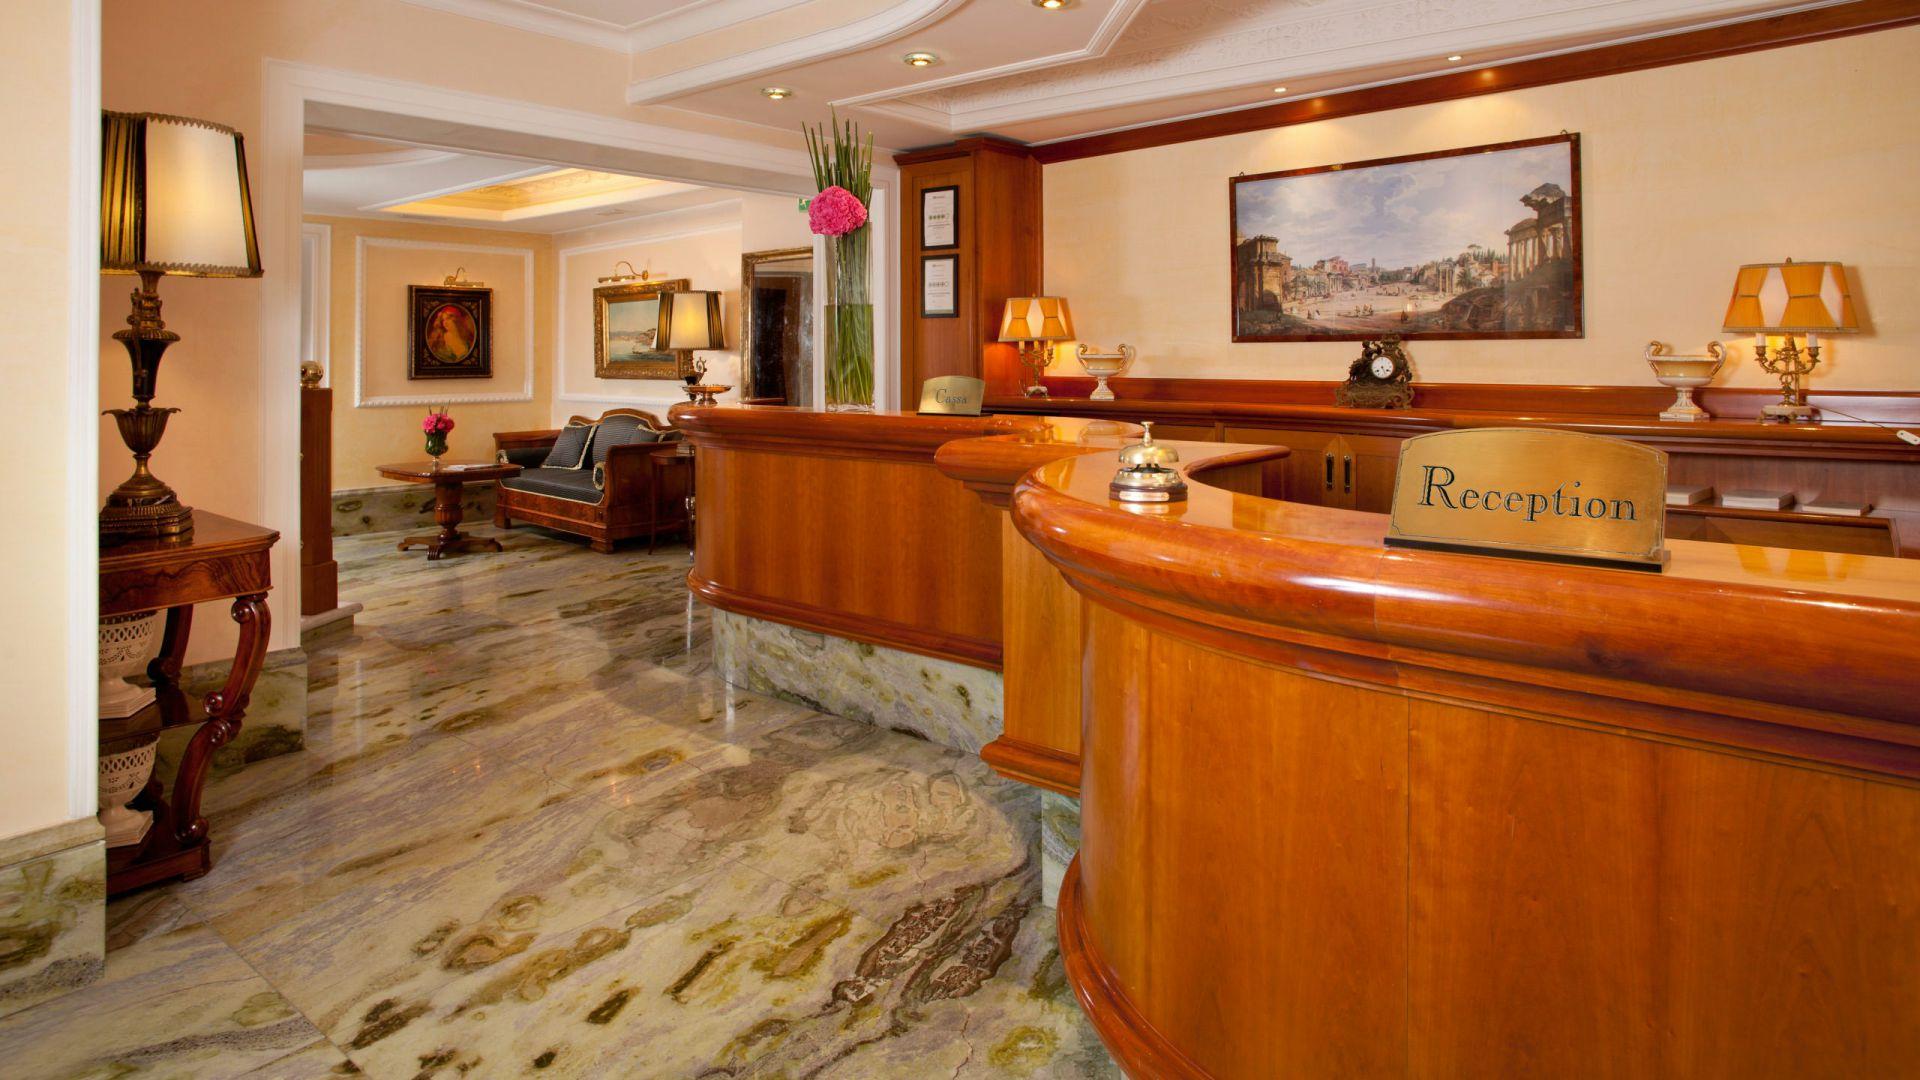 albergo-ottocento-rome-interior-01